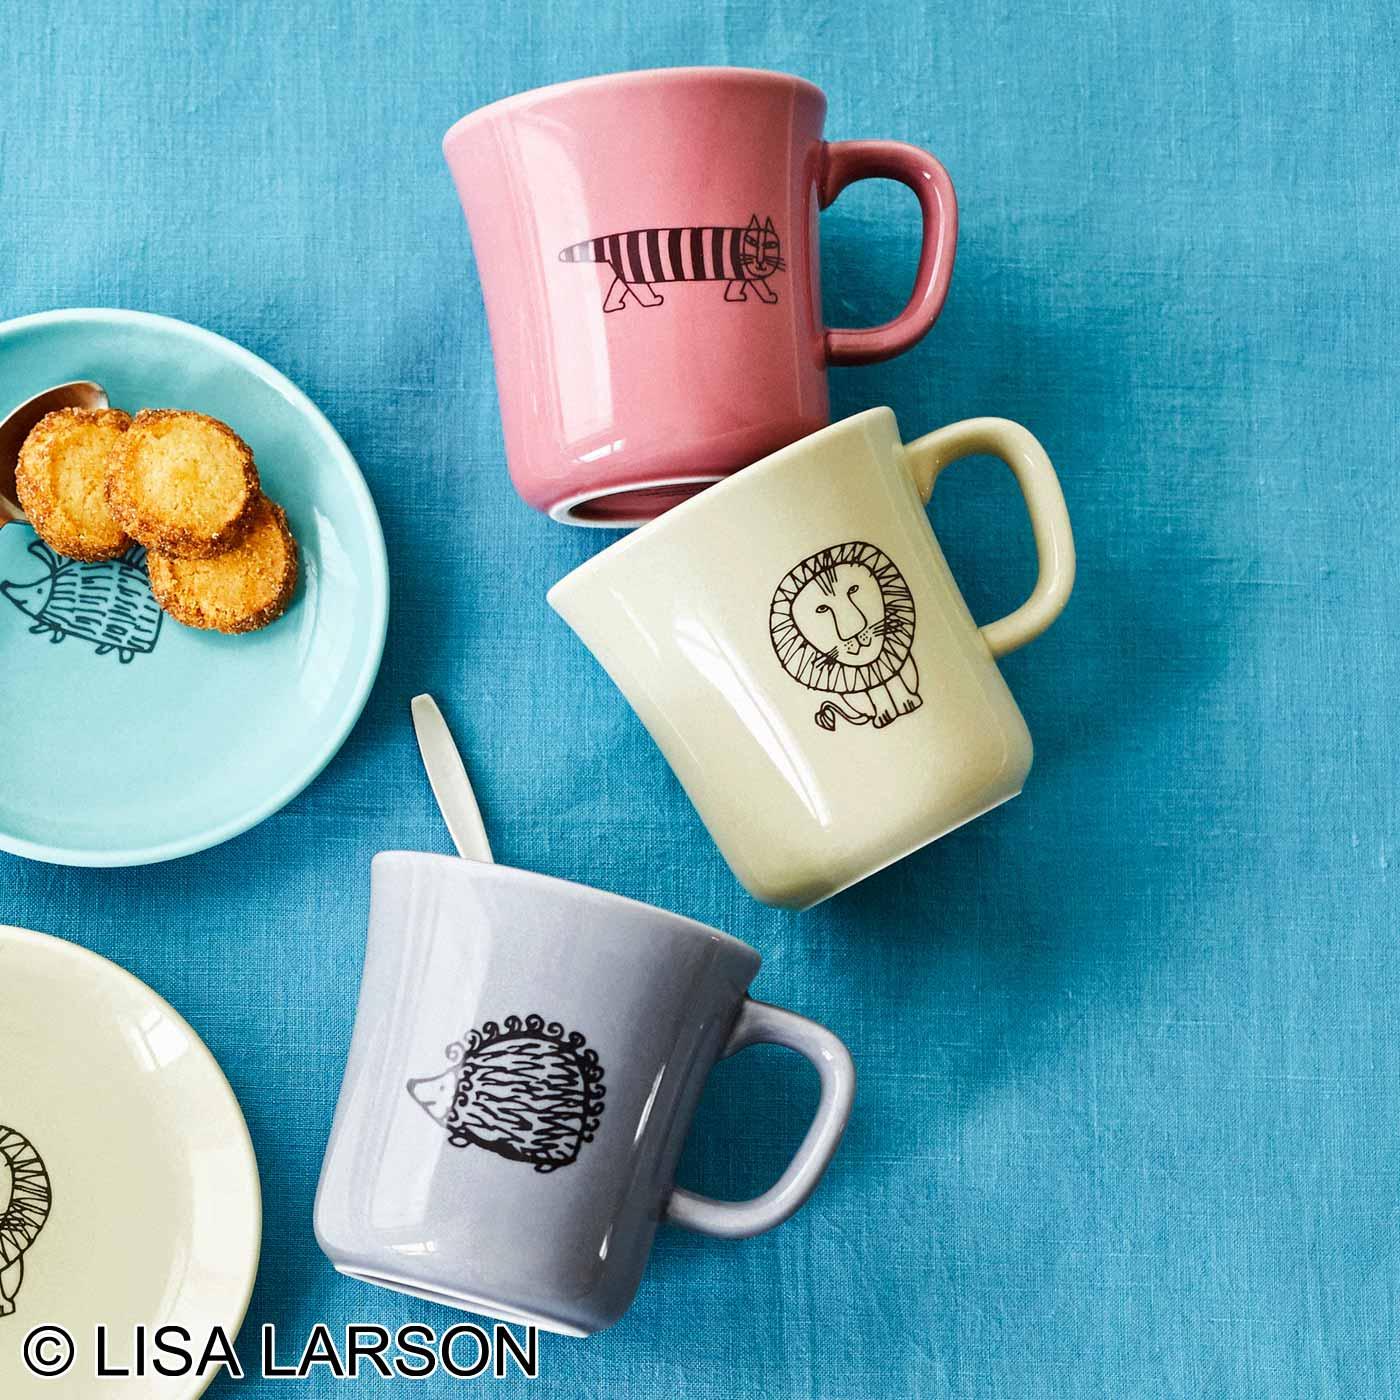 フェリシモ リサ・ラーソン ニュアンスカラーで彩るお茶時間 たっぷり入るマグカップの会